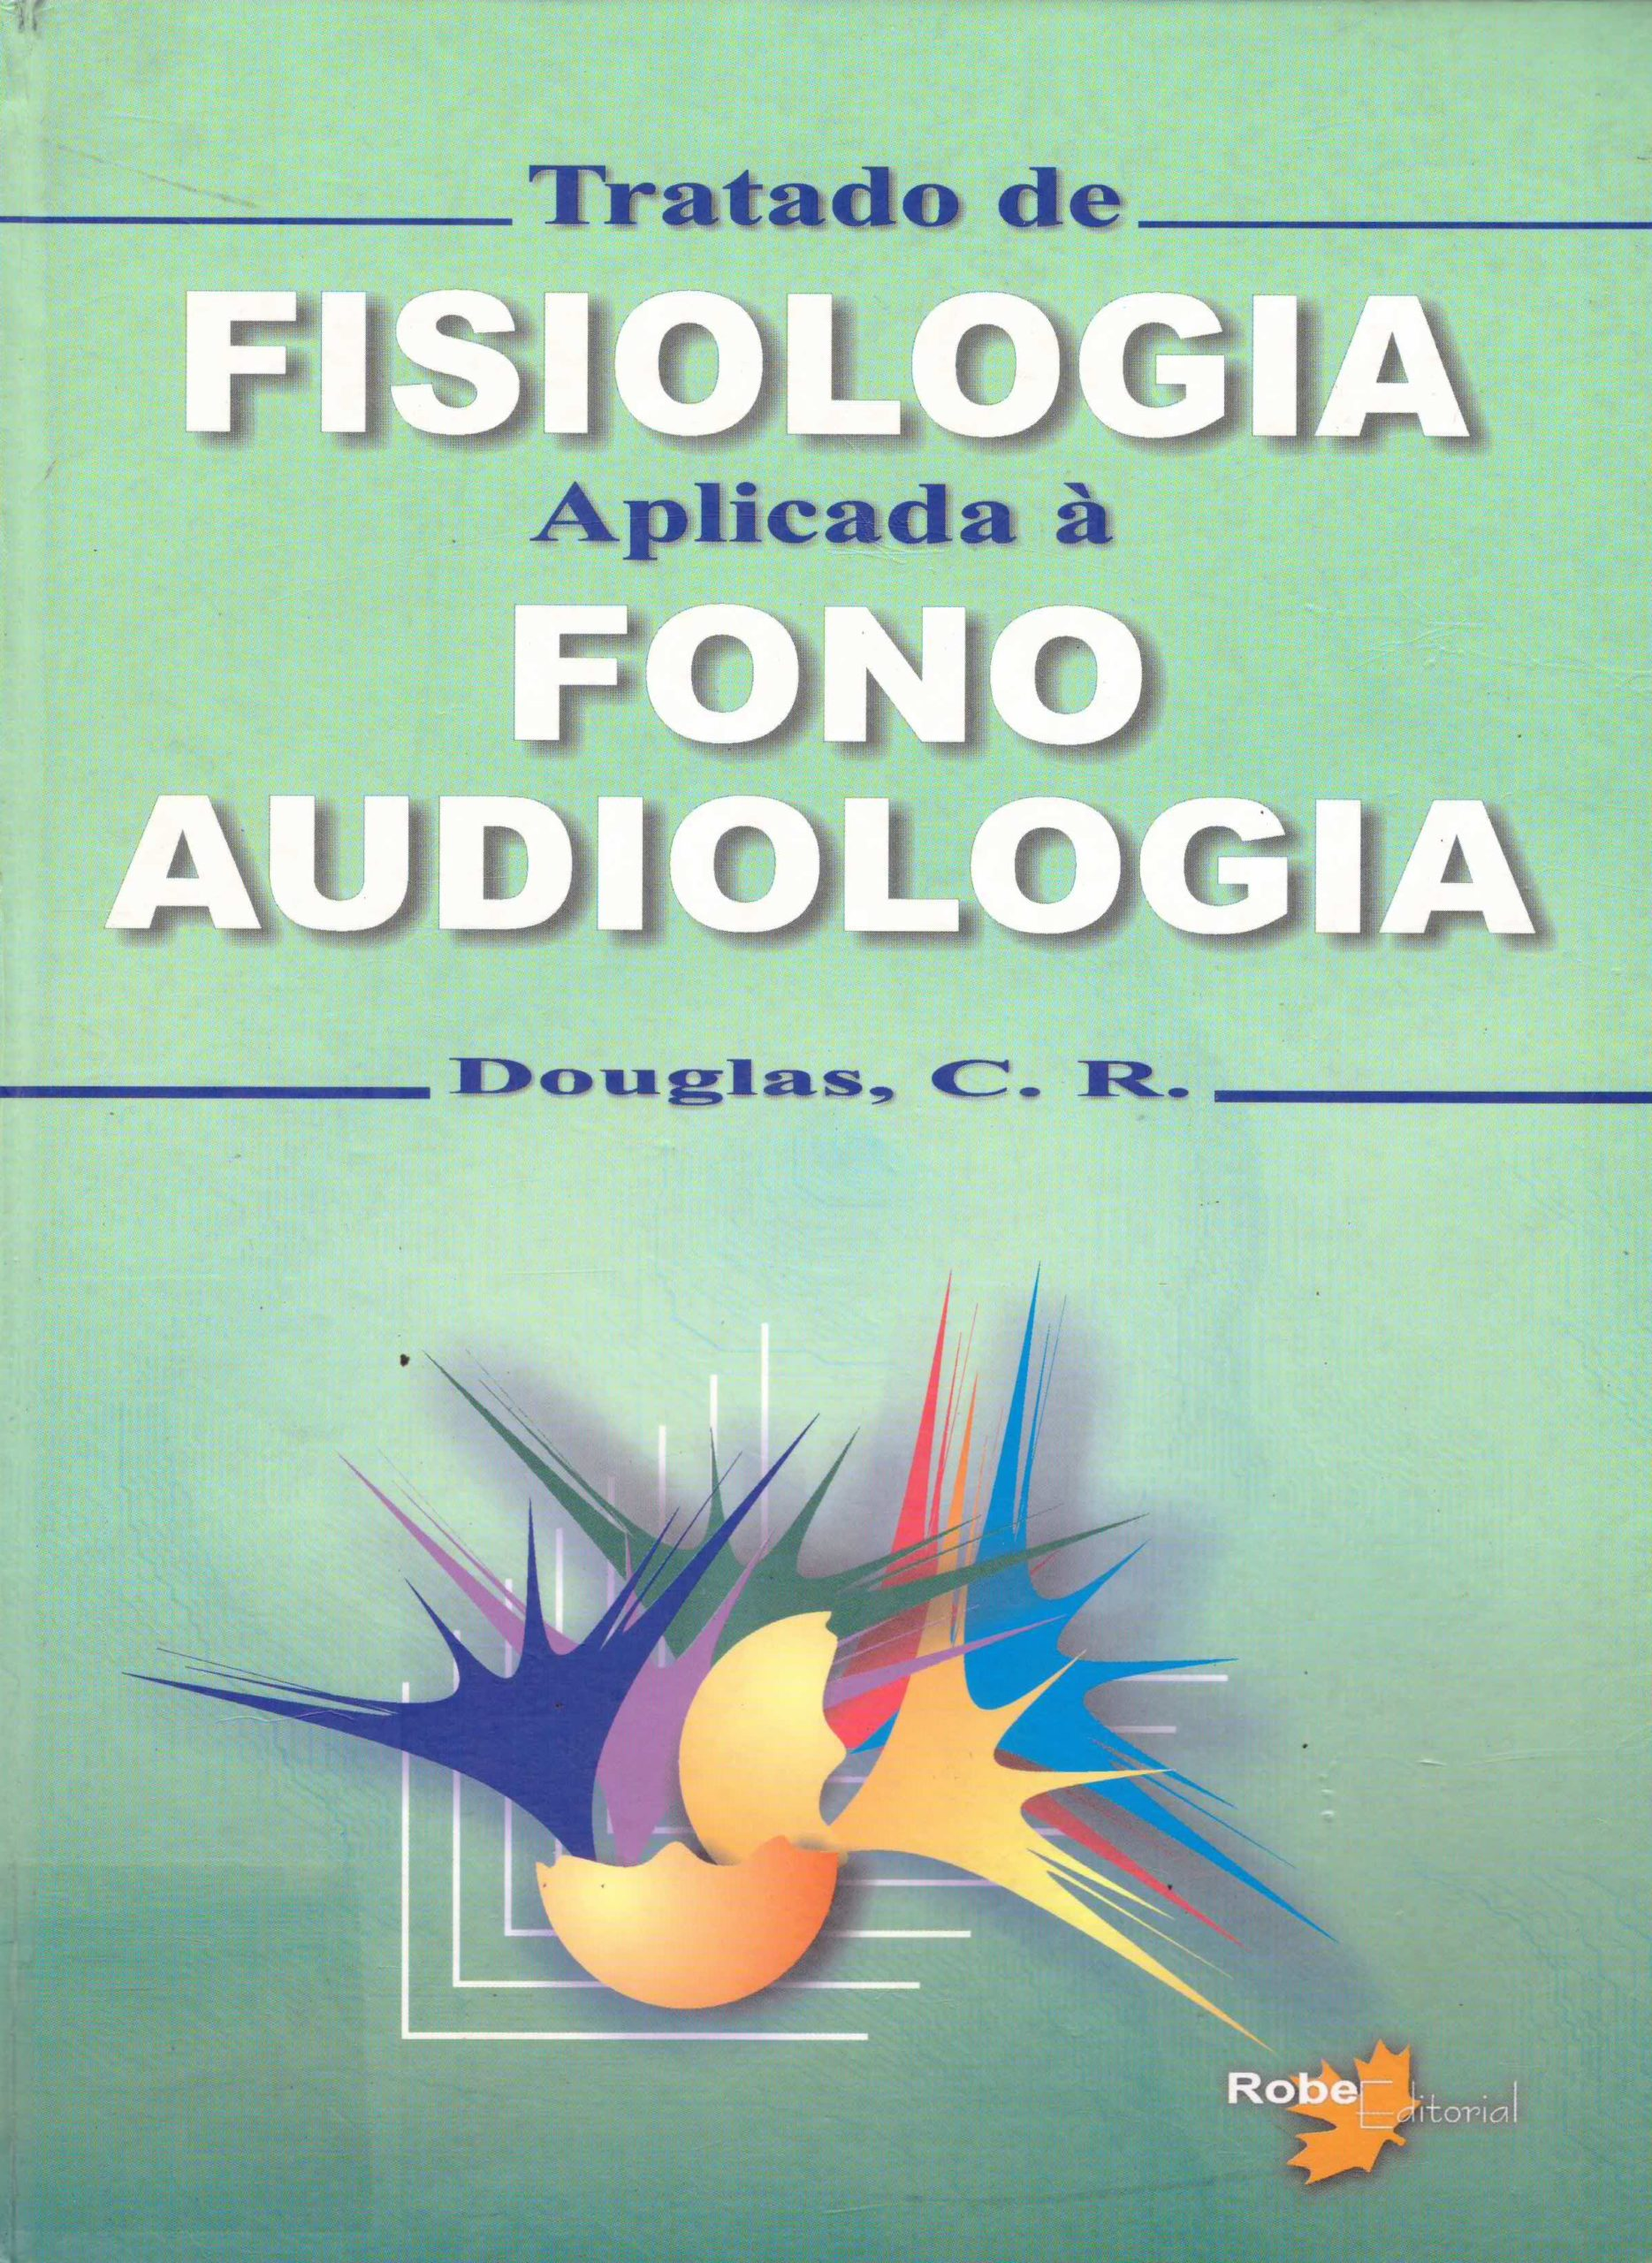 tratado de fisiologia aplicado à fonoaudiologia